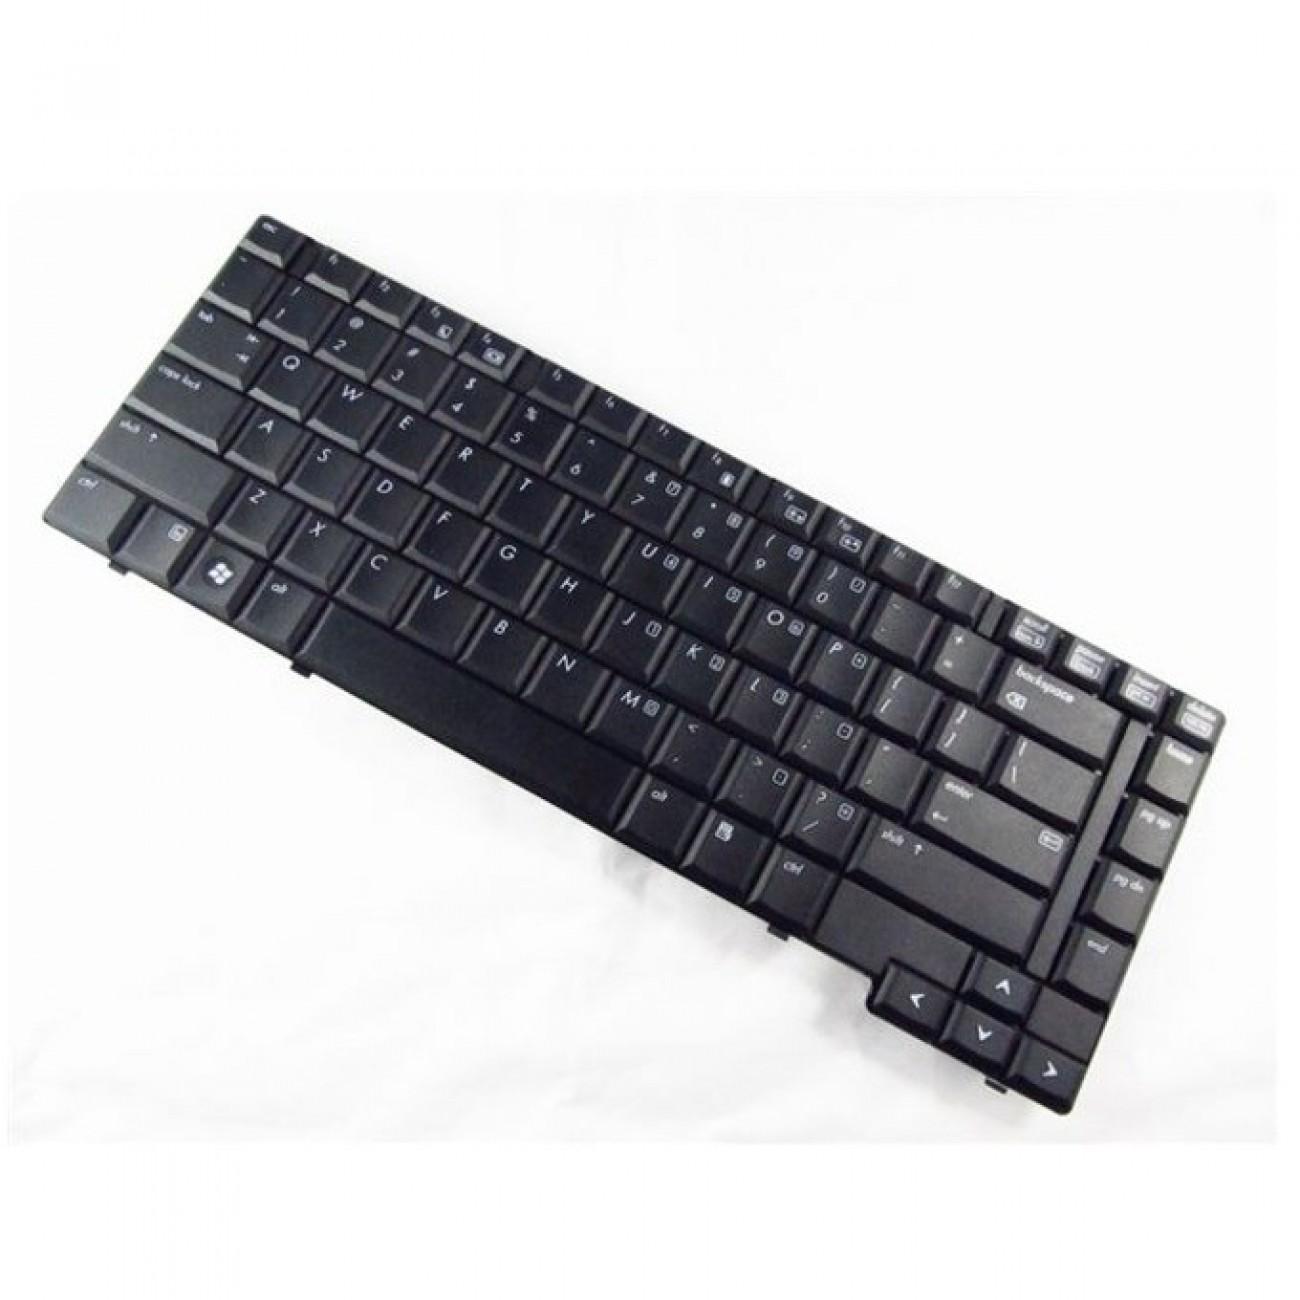 Клавиатура за HP 6535B 6530B, US, кирилица в Резервни части -  | Alleop